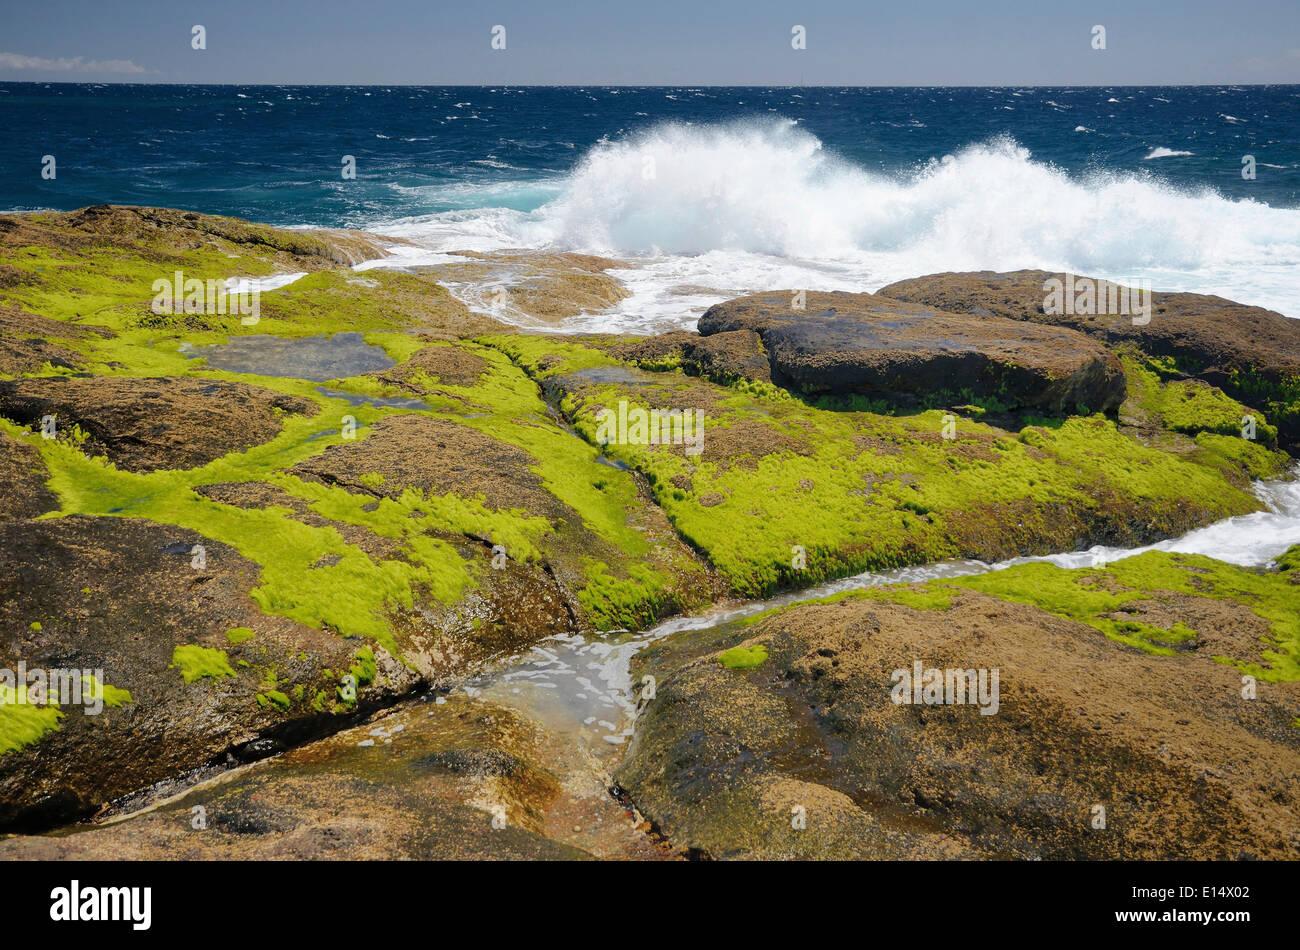 Surf sobre rocas de lava cubiertos de algas verdes, Playa Paraíso, Adeje, Tenerife, Islas Canarias, España Imagen De Stock